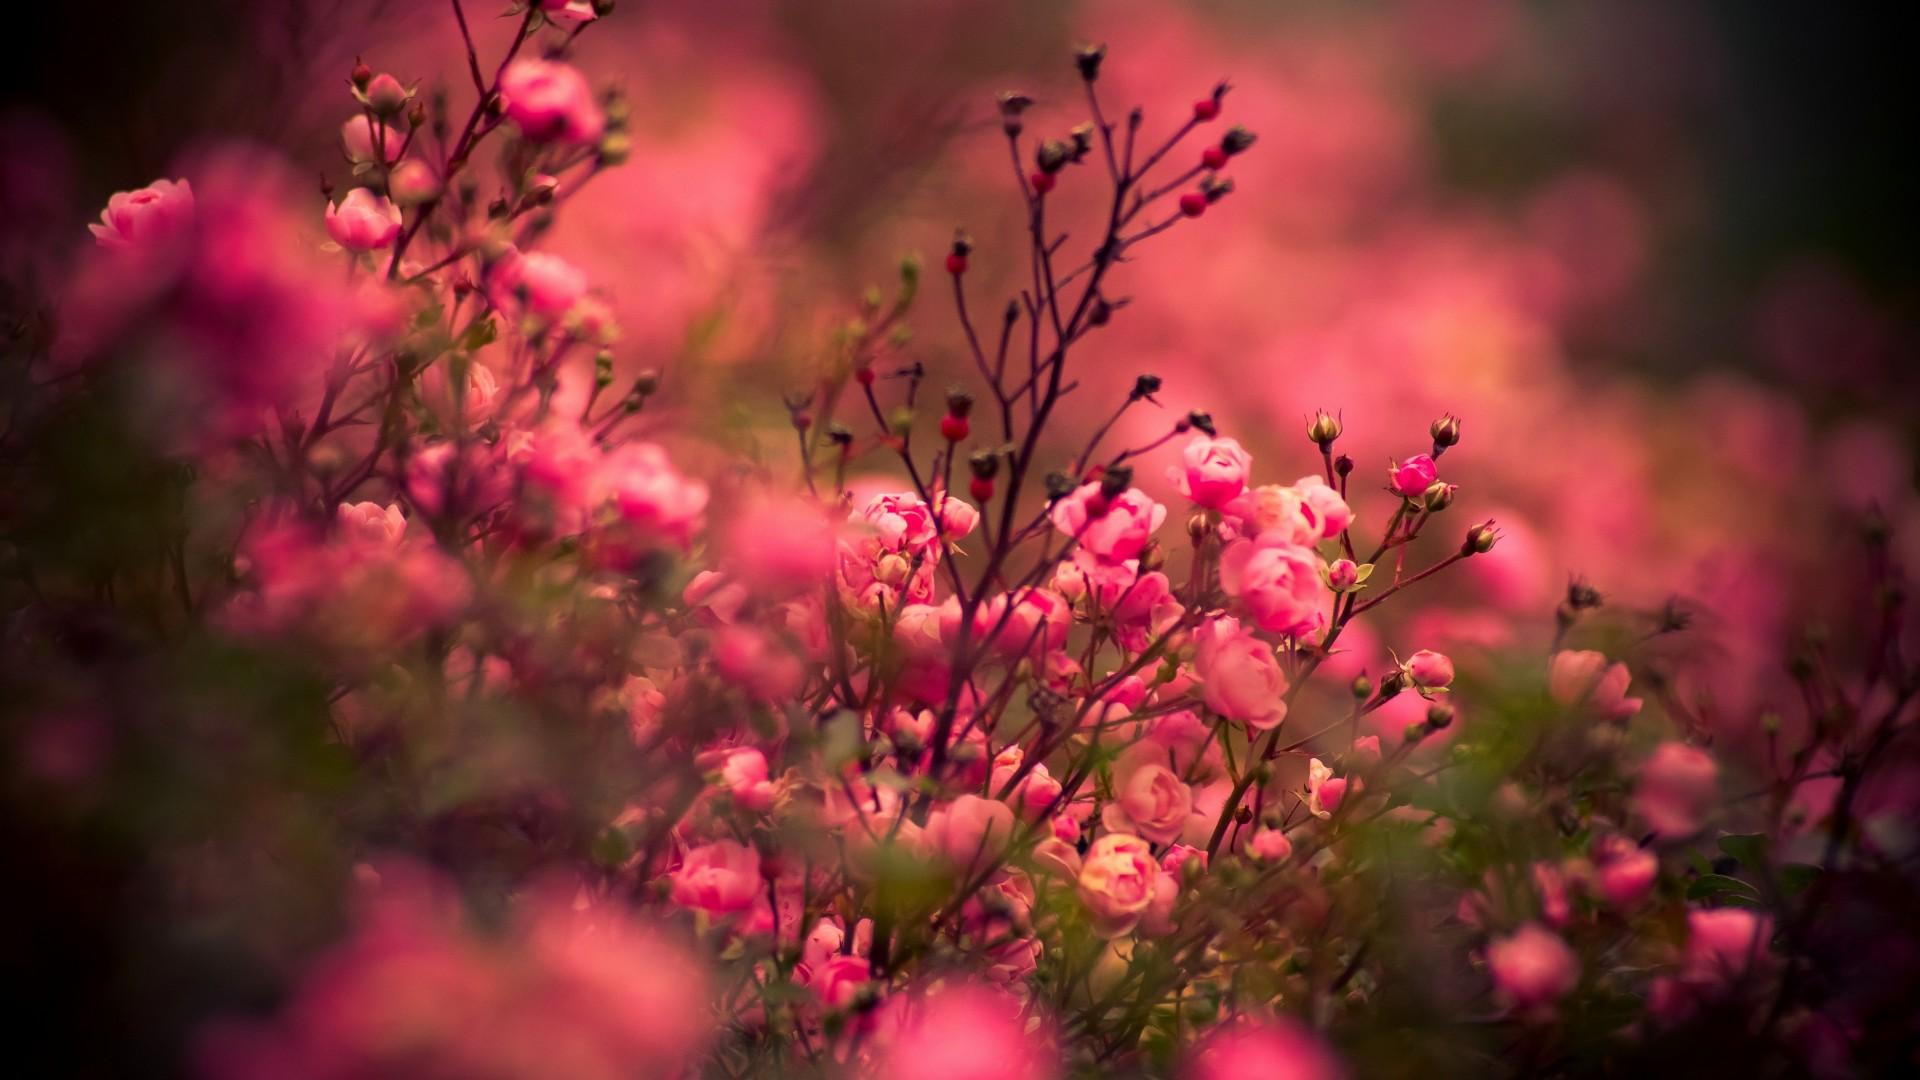 Фото цветов высокого качества на рабочий стол